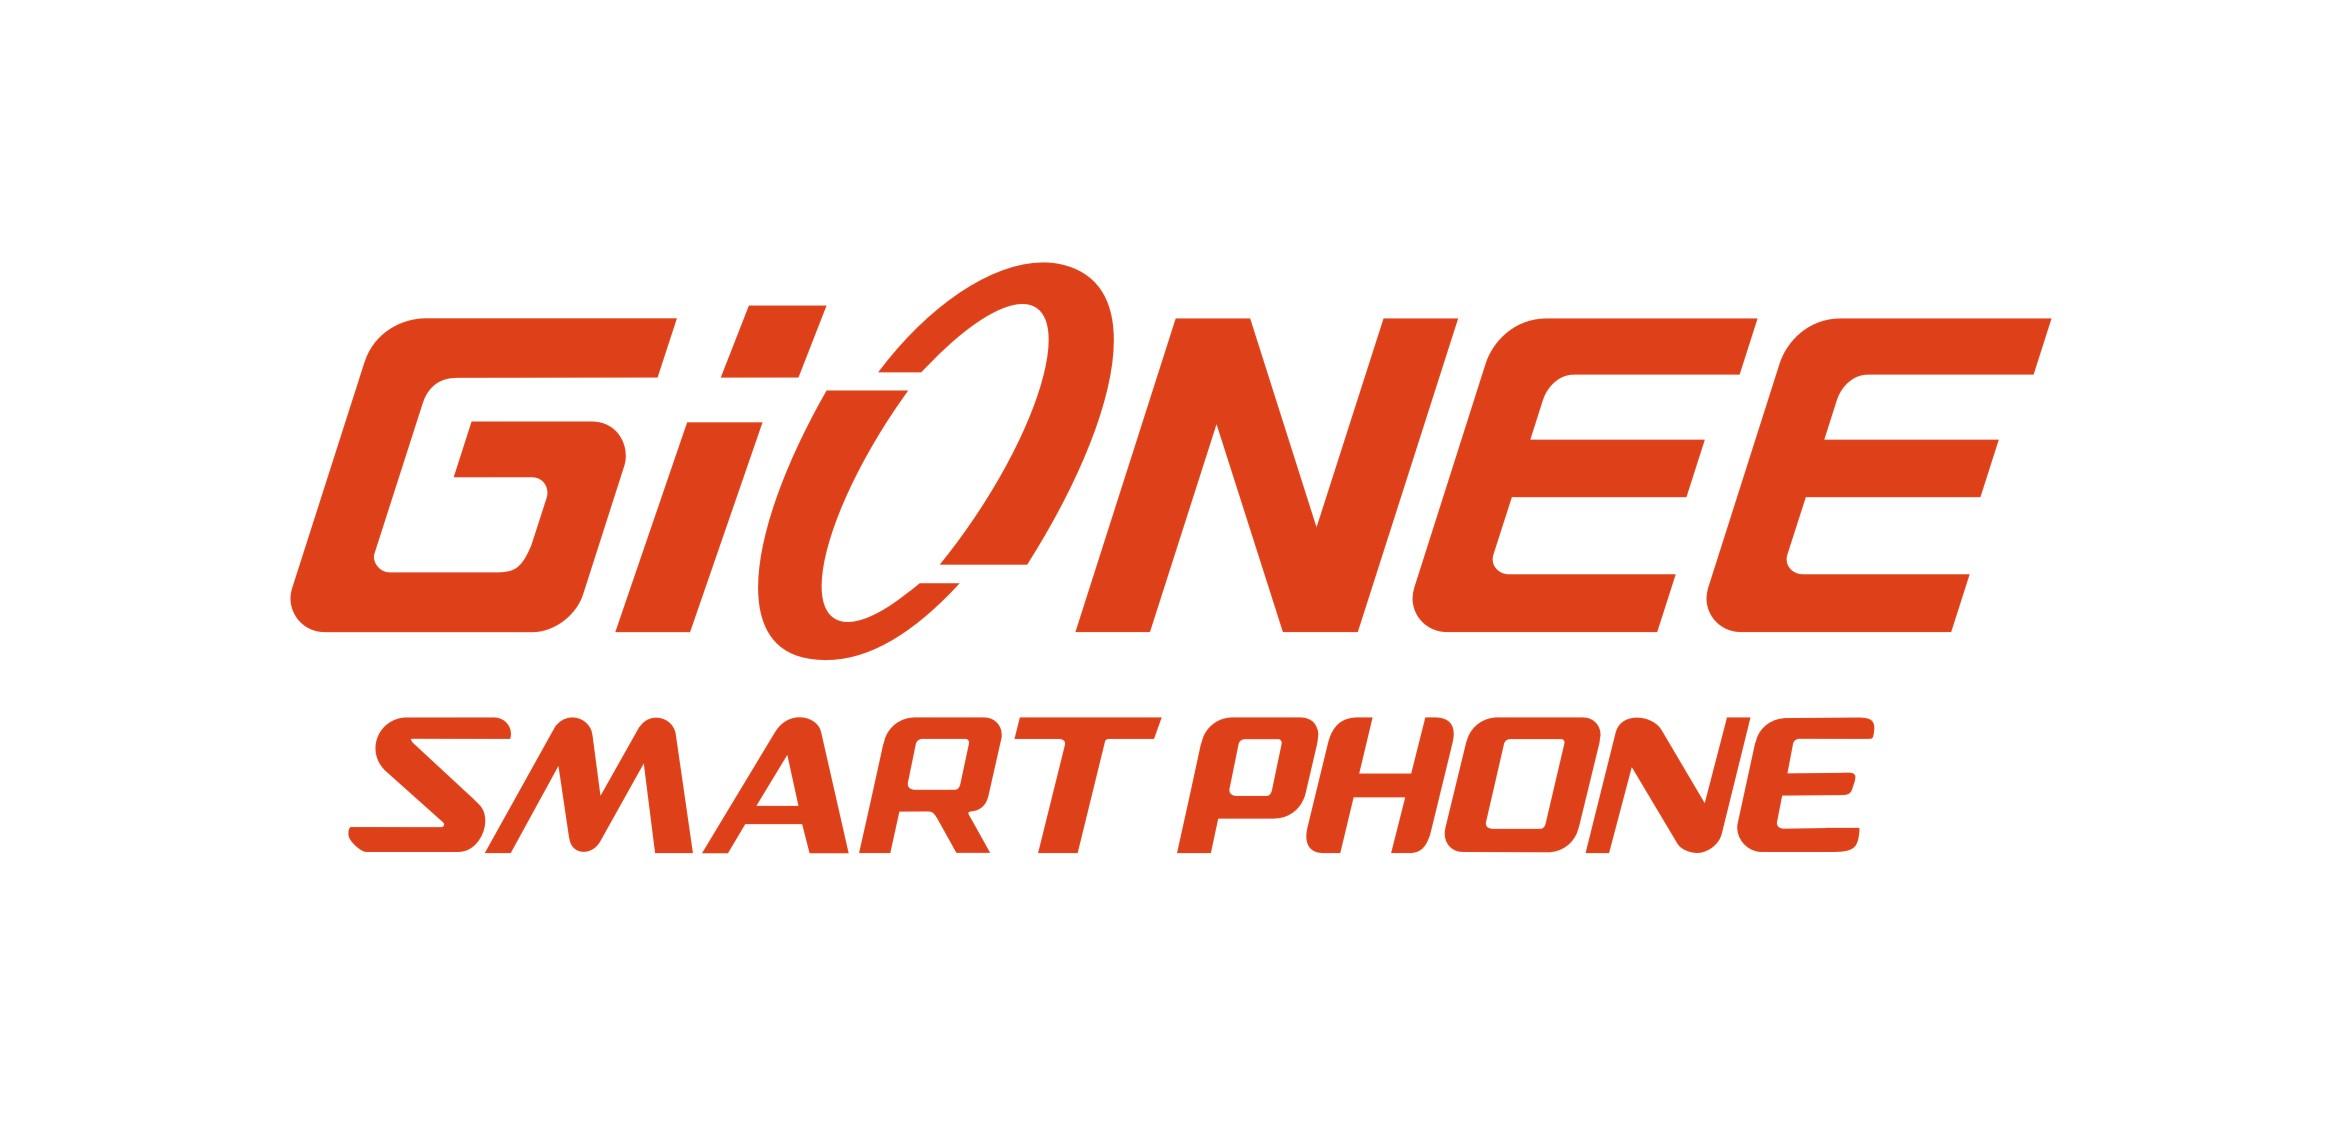 GIONEE SMART PHONE